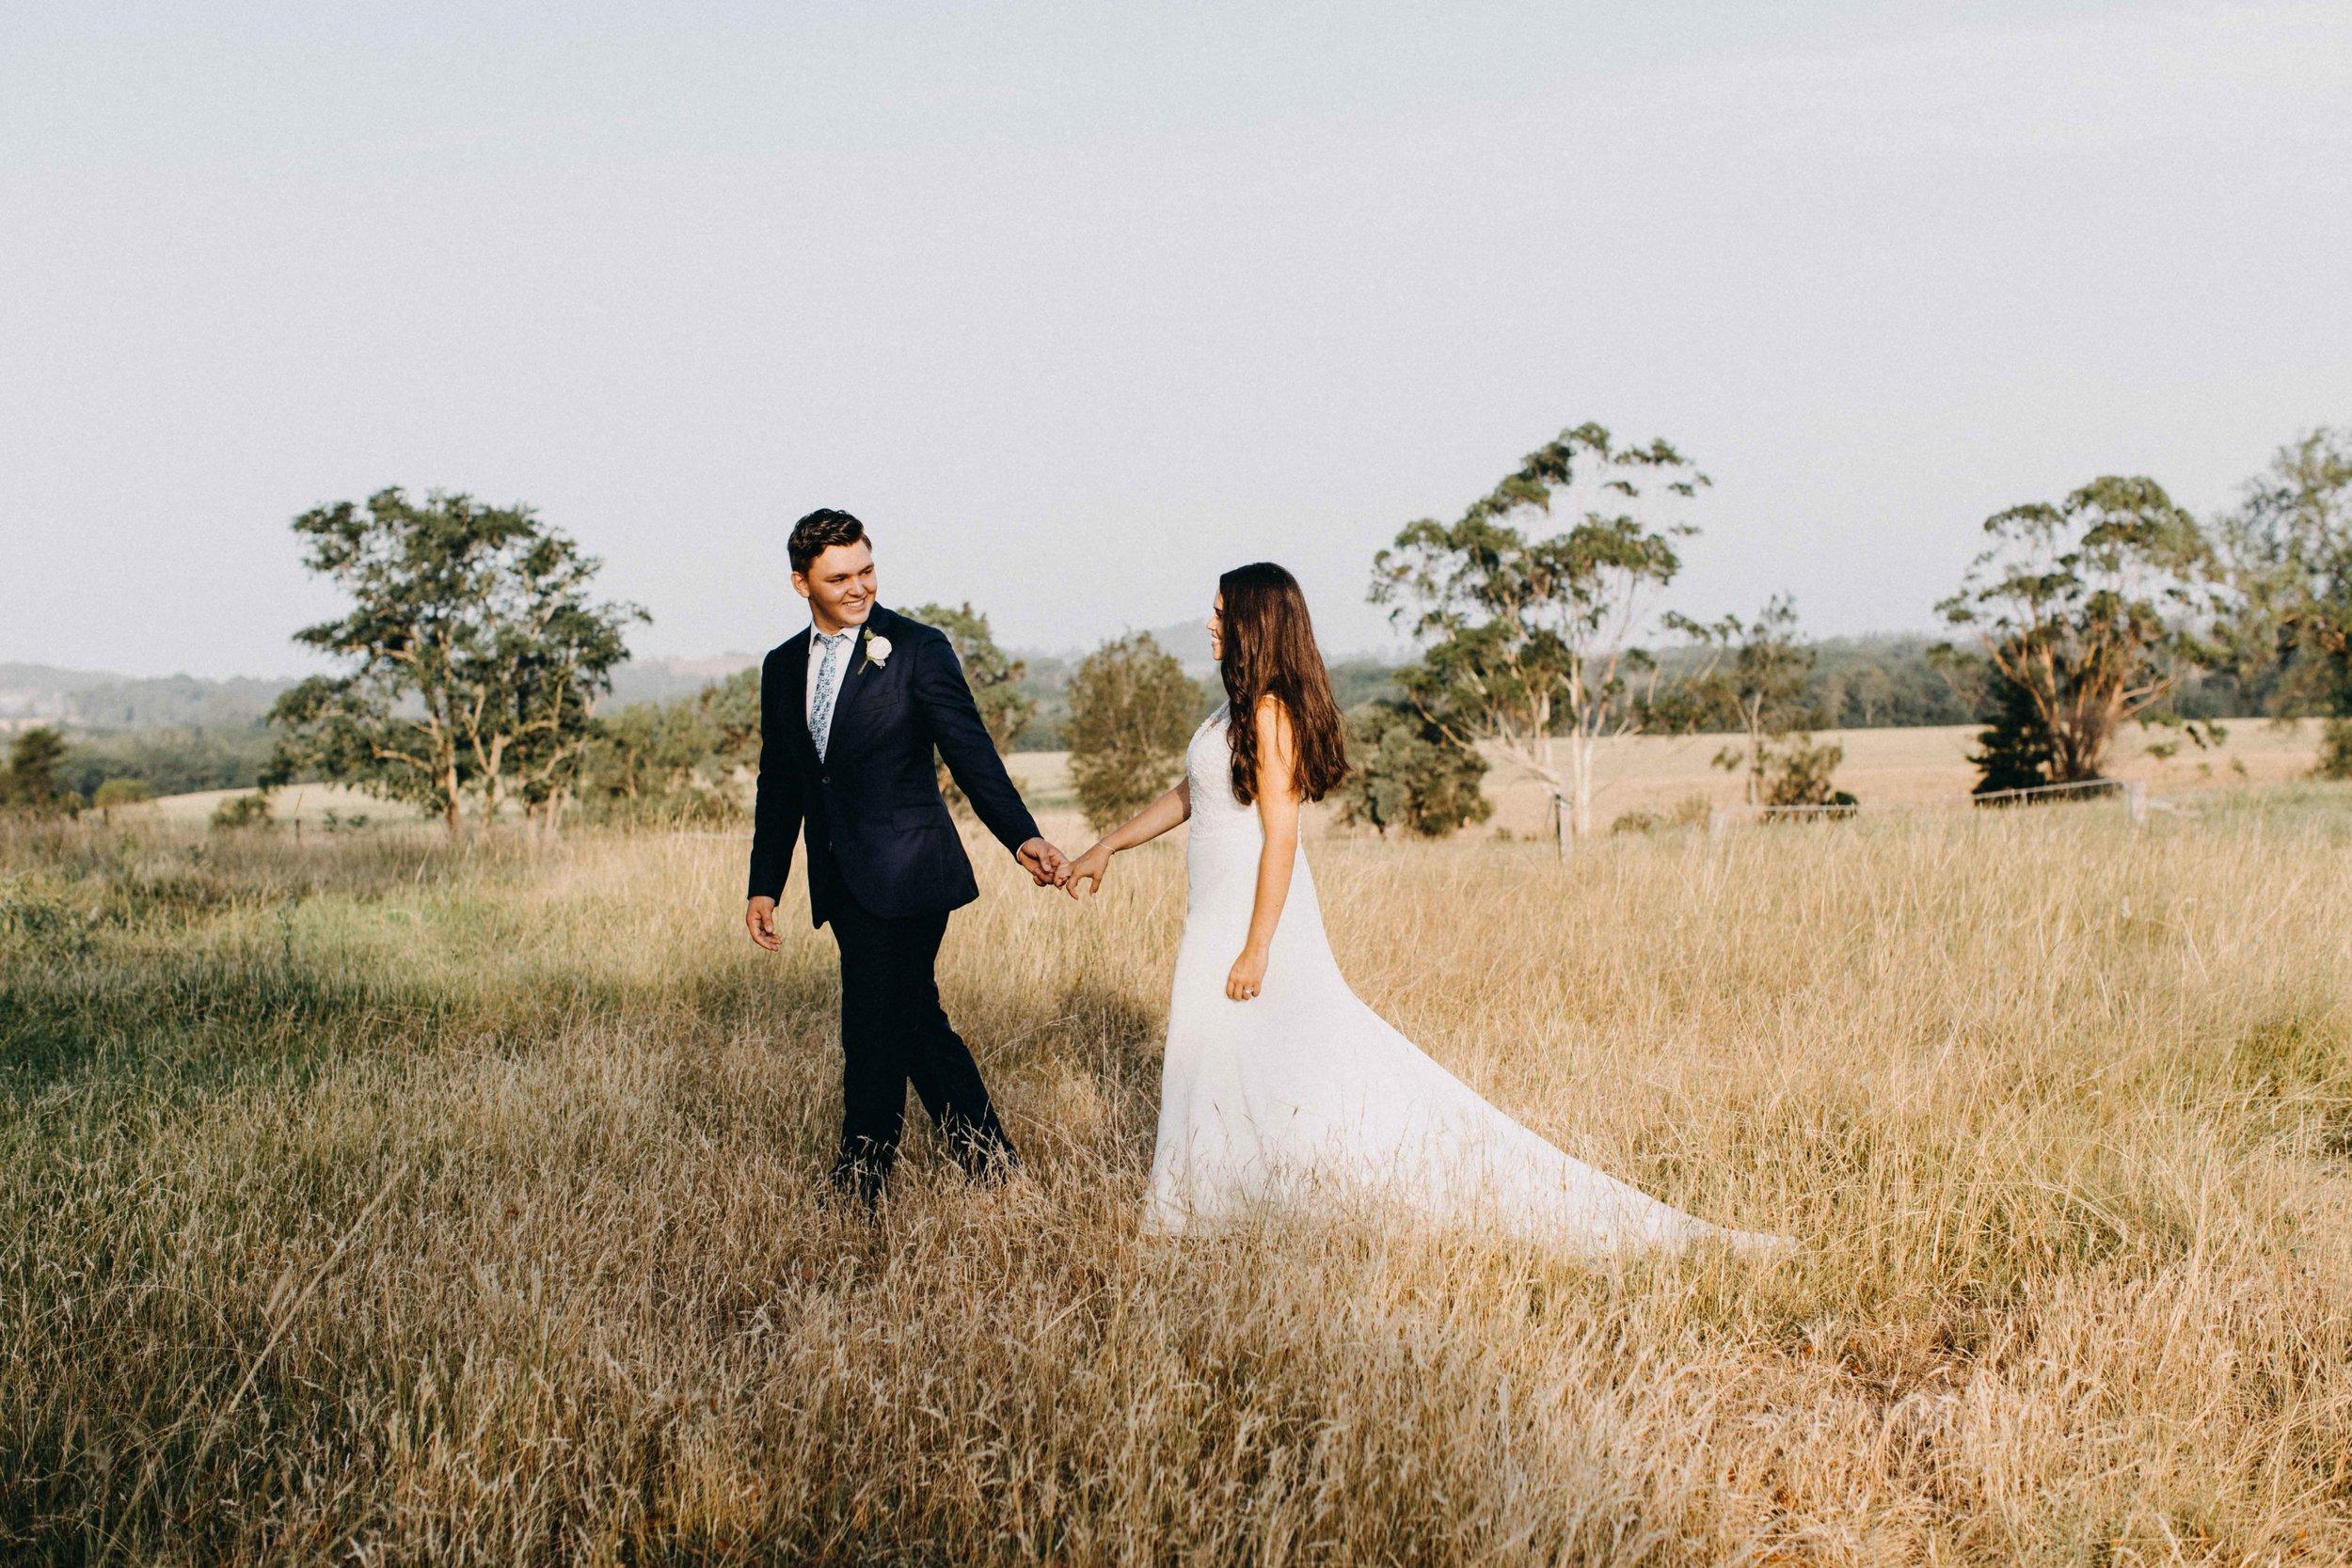 www.emilyobrienphotography.net-belgenny-farm-wedding-camden-photography-maddie-andrzej-162.jpg